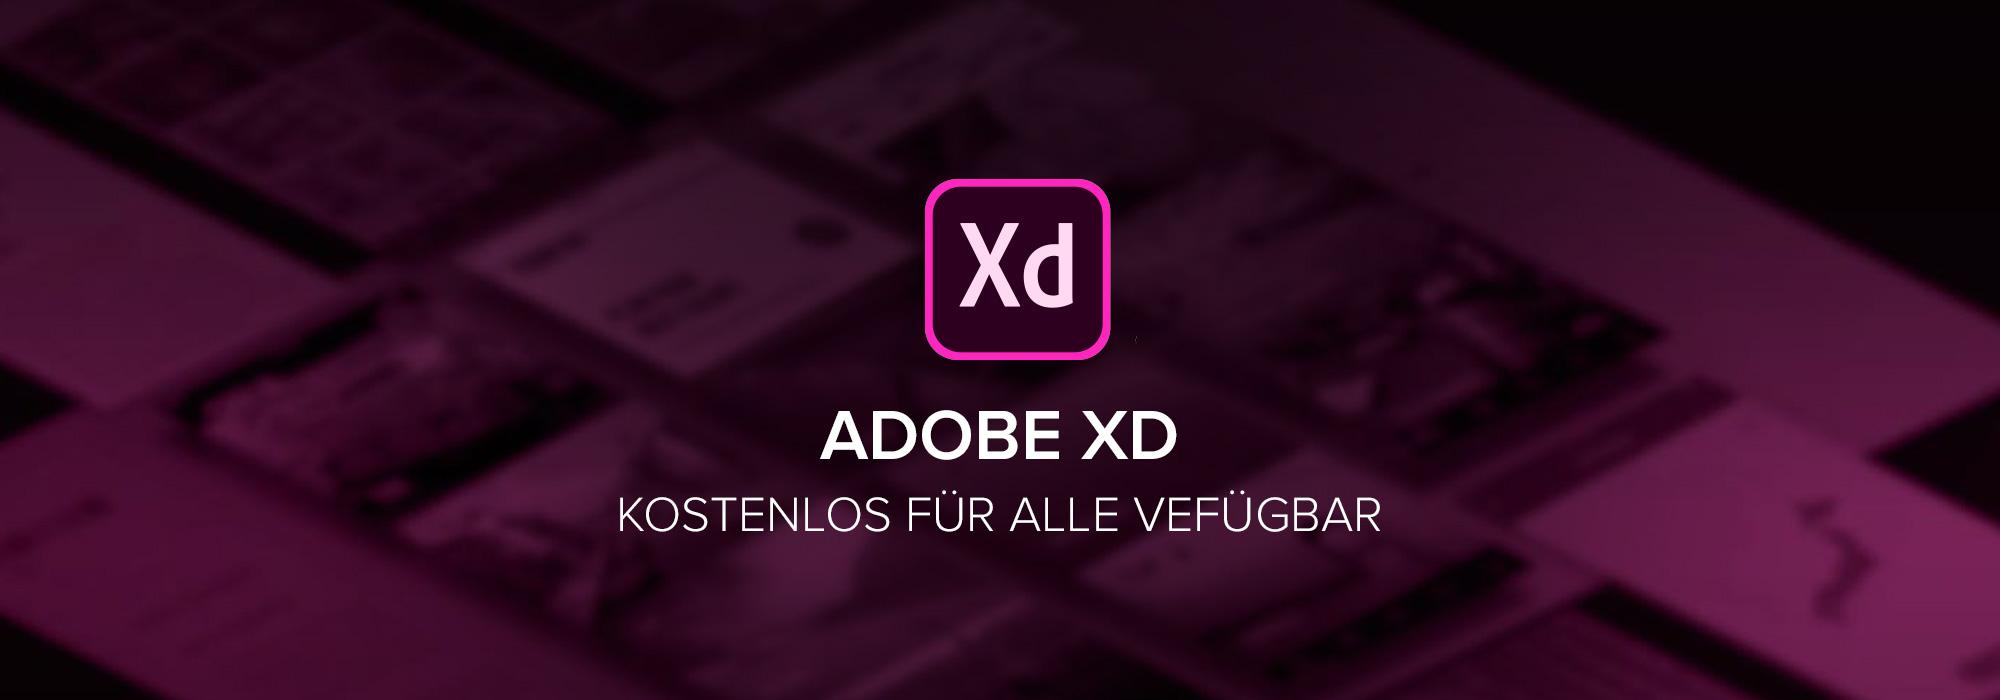 Adobe XD ab sofort kostenlos – MADDAZIN